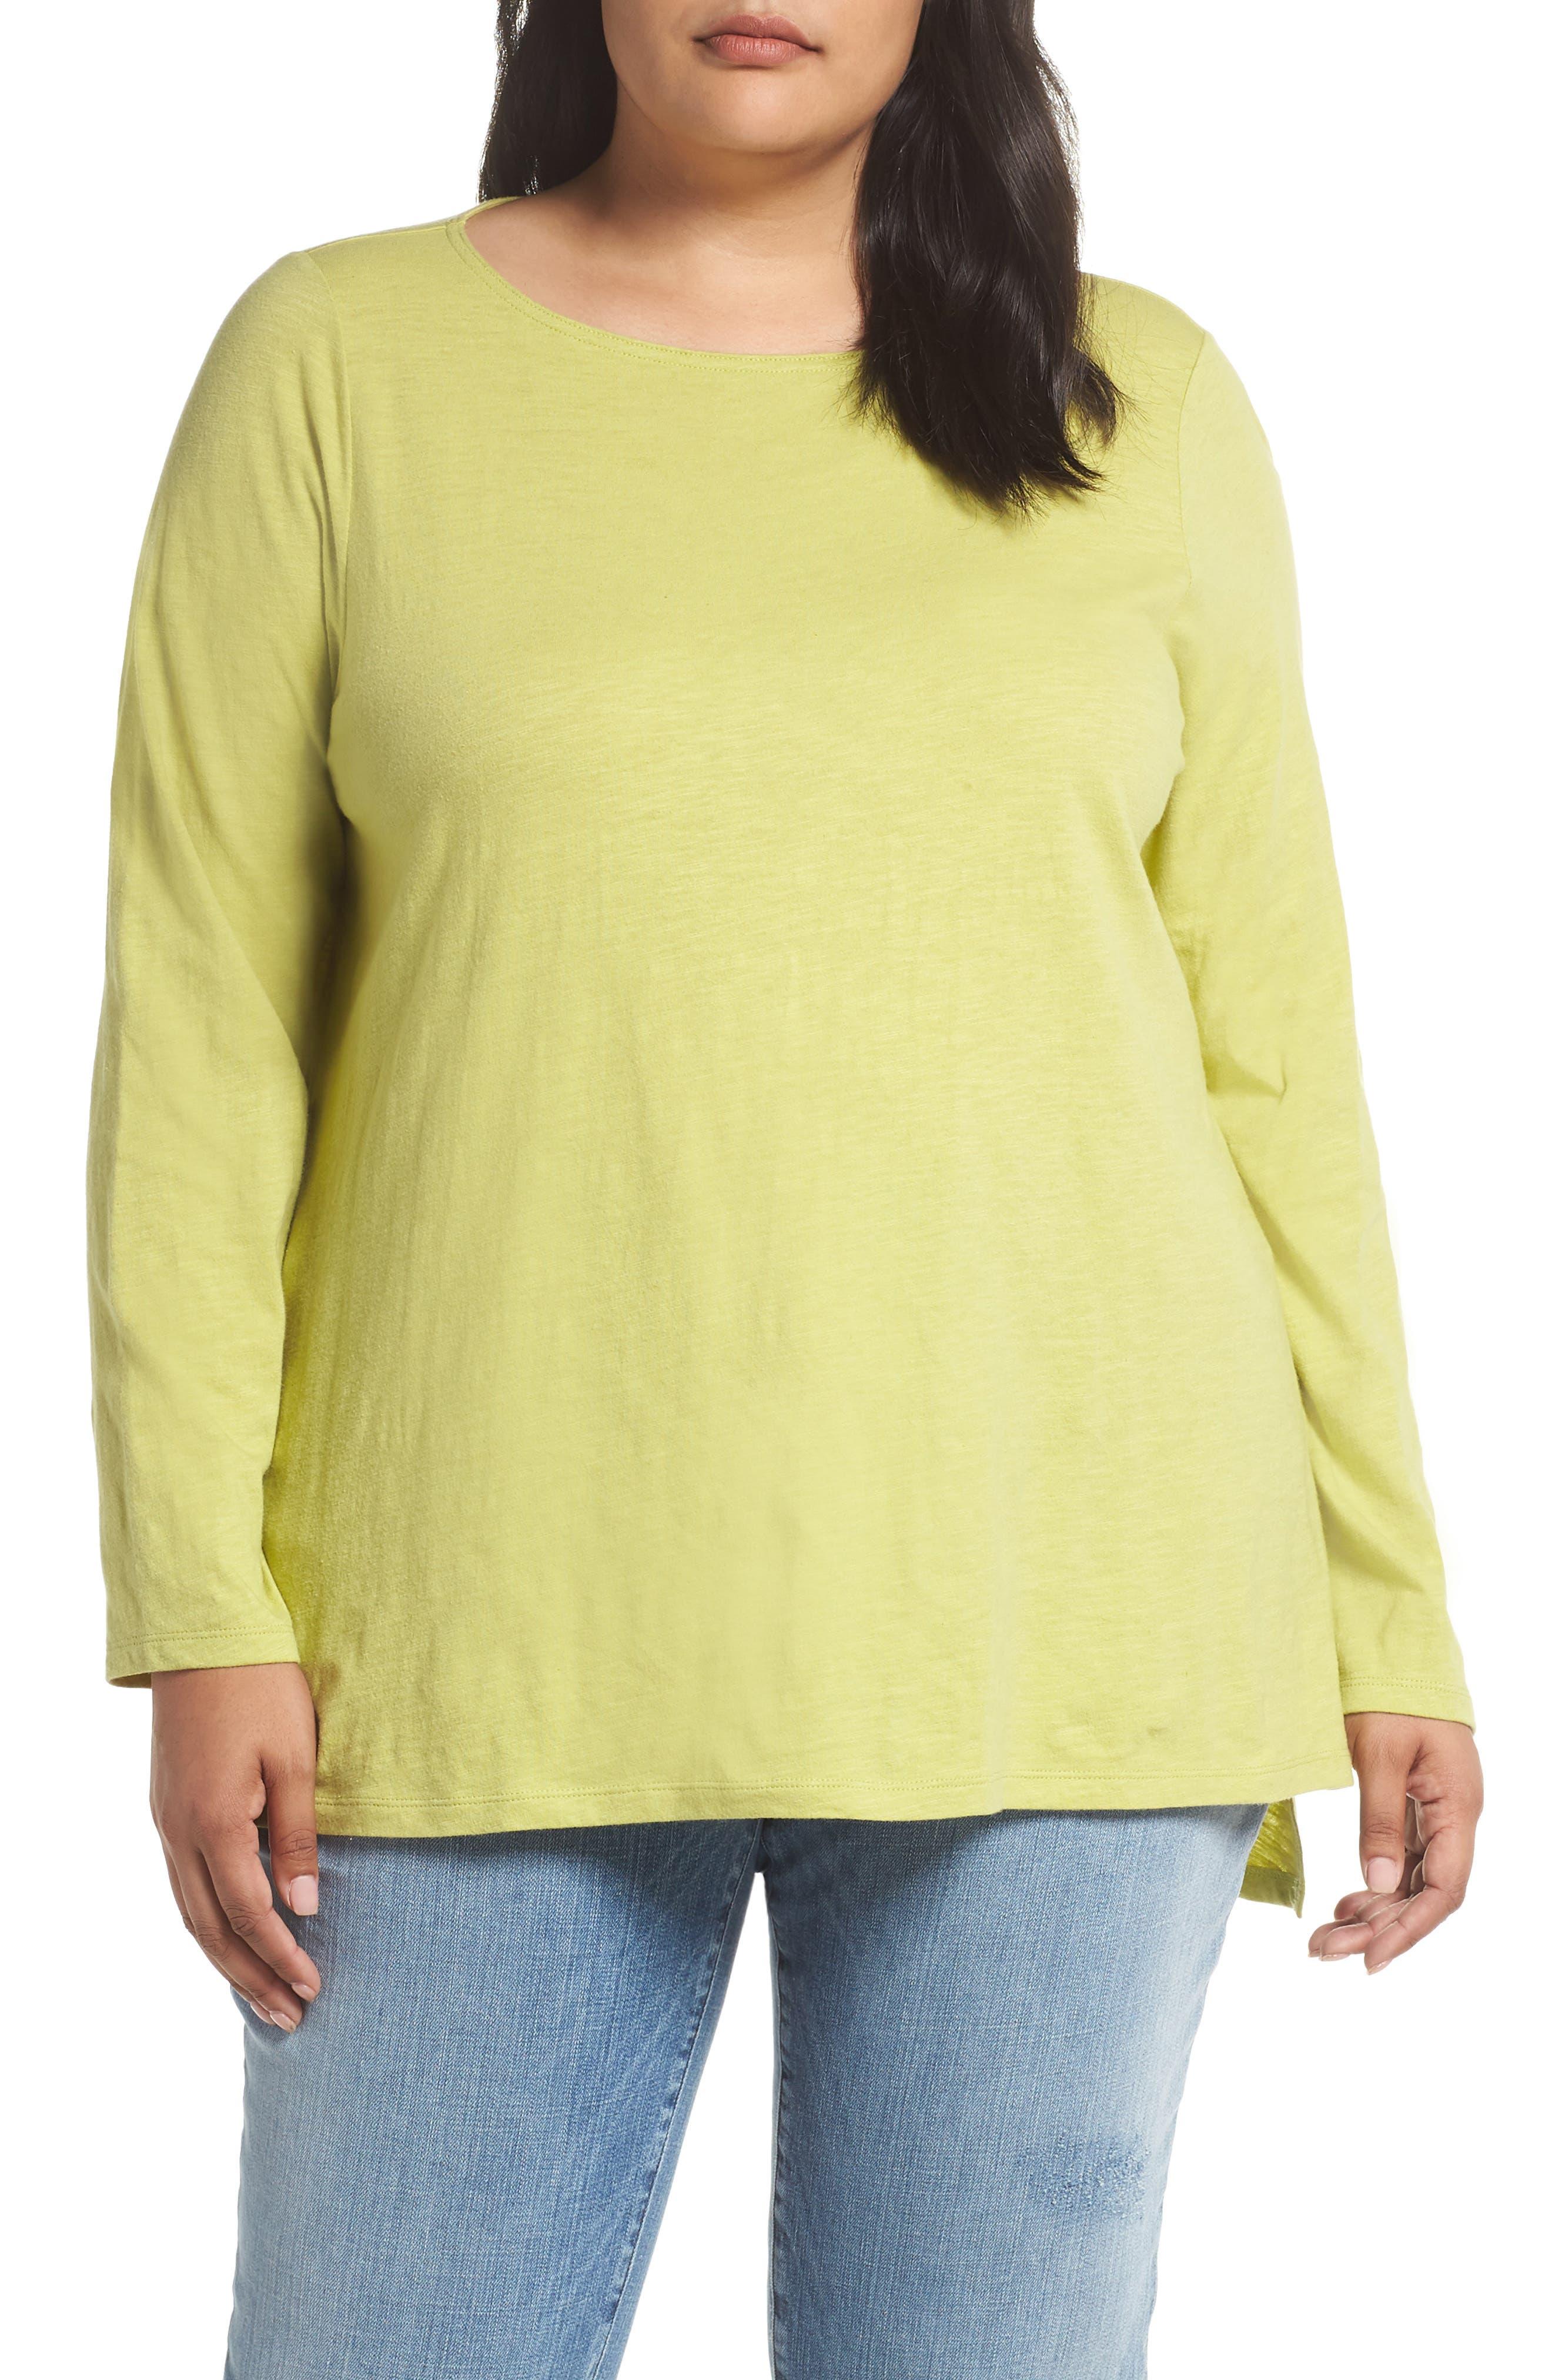 Organic Cotton Jersey Top,                             Main thumbnail 1, color,                             VERBENA